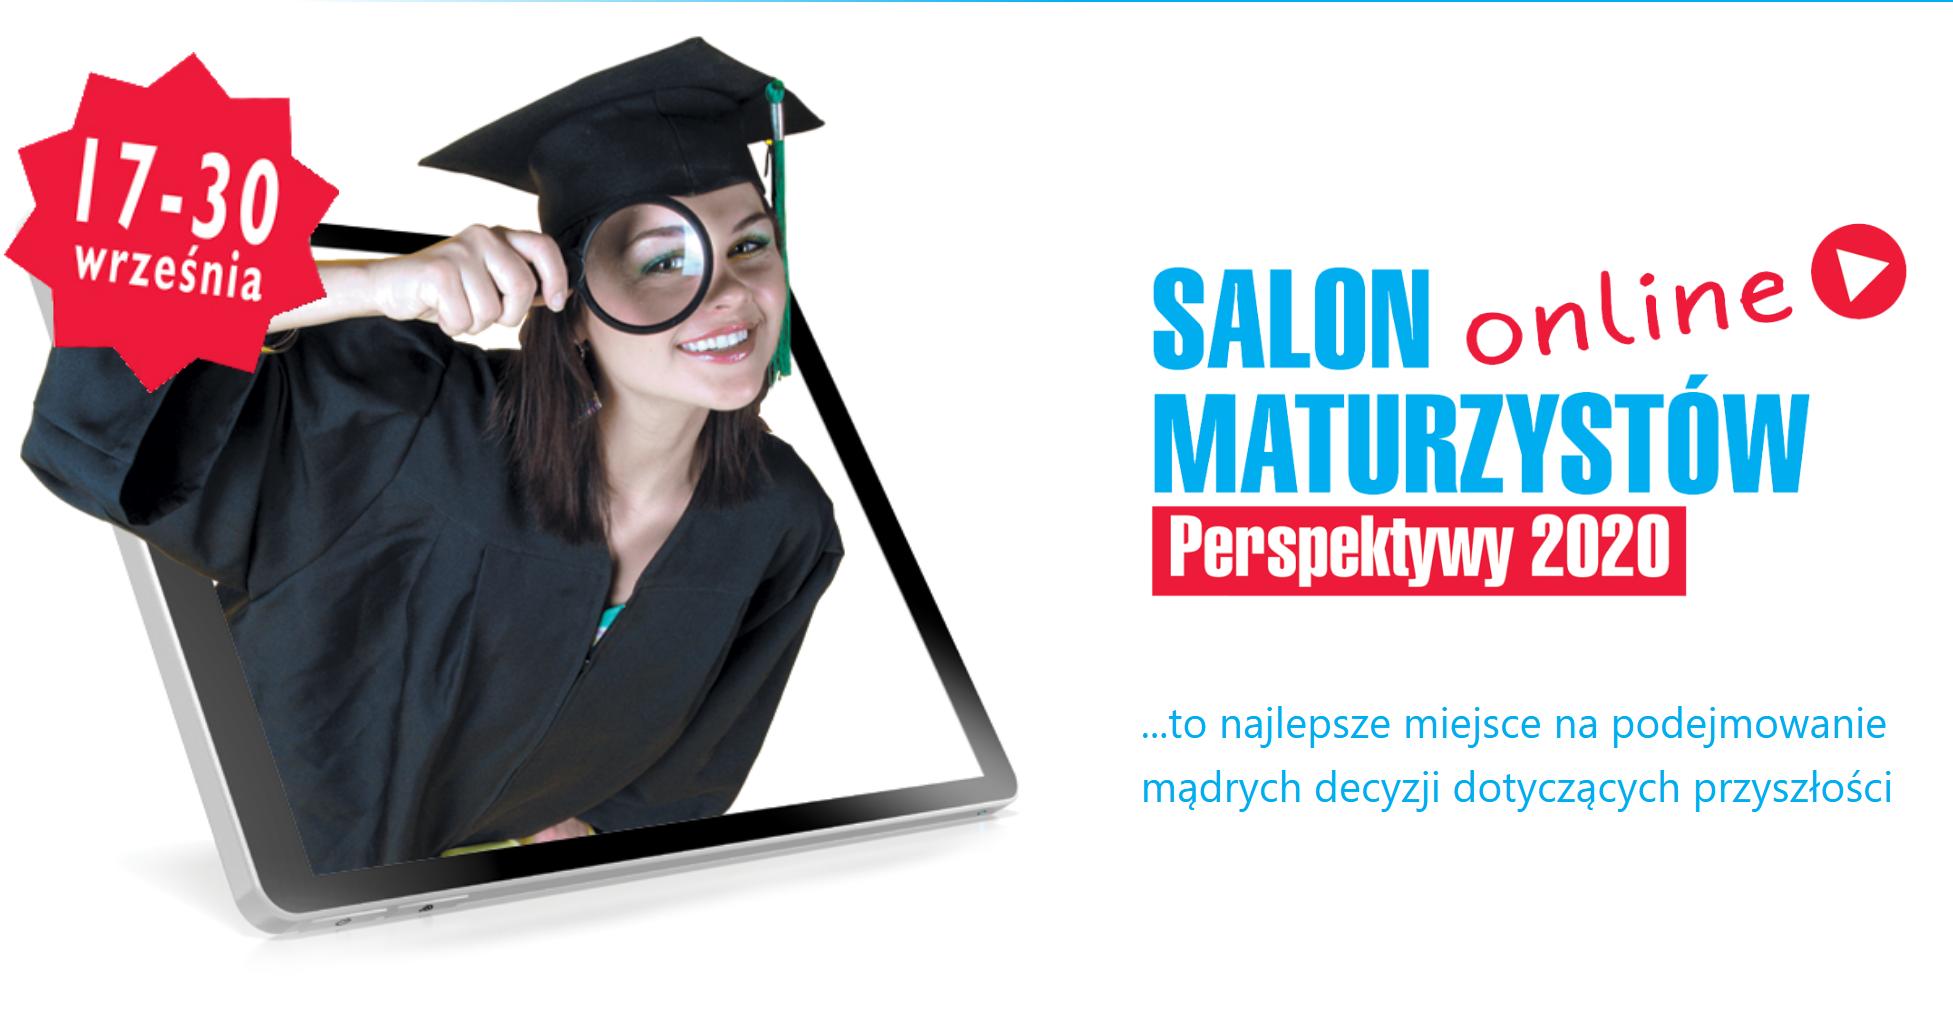 plakat informacyjny o akcji salon maturzysty fundacji Perspektywy